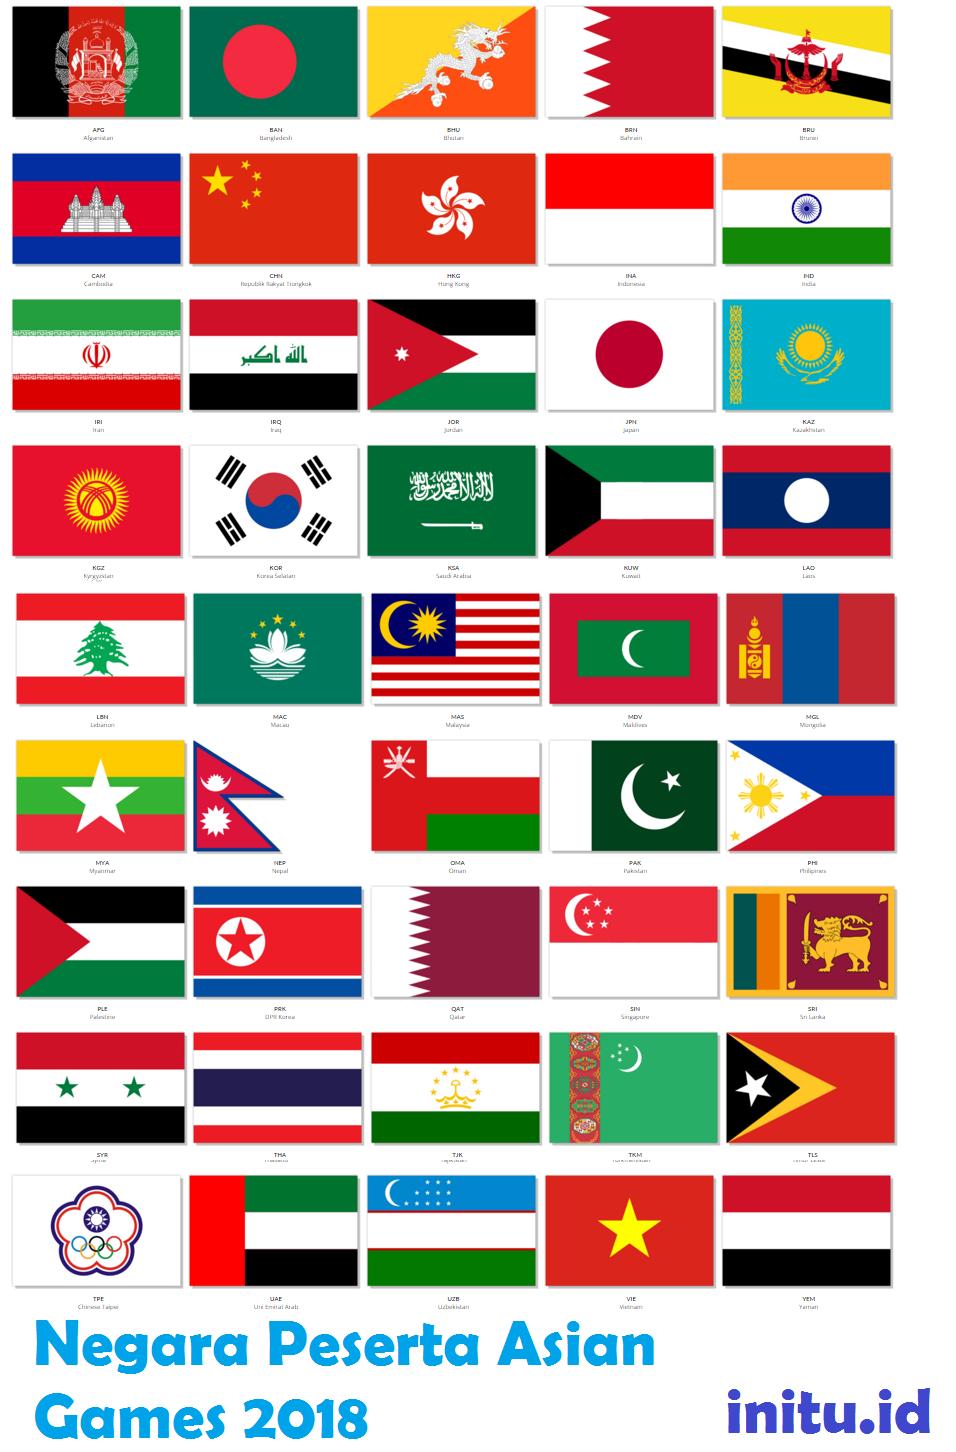 bendera negara peserta asian games 2018 - Asian Games 2018 Di Negara